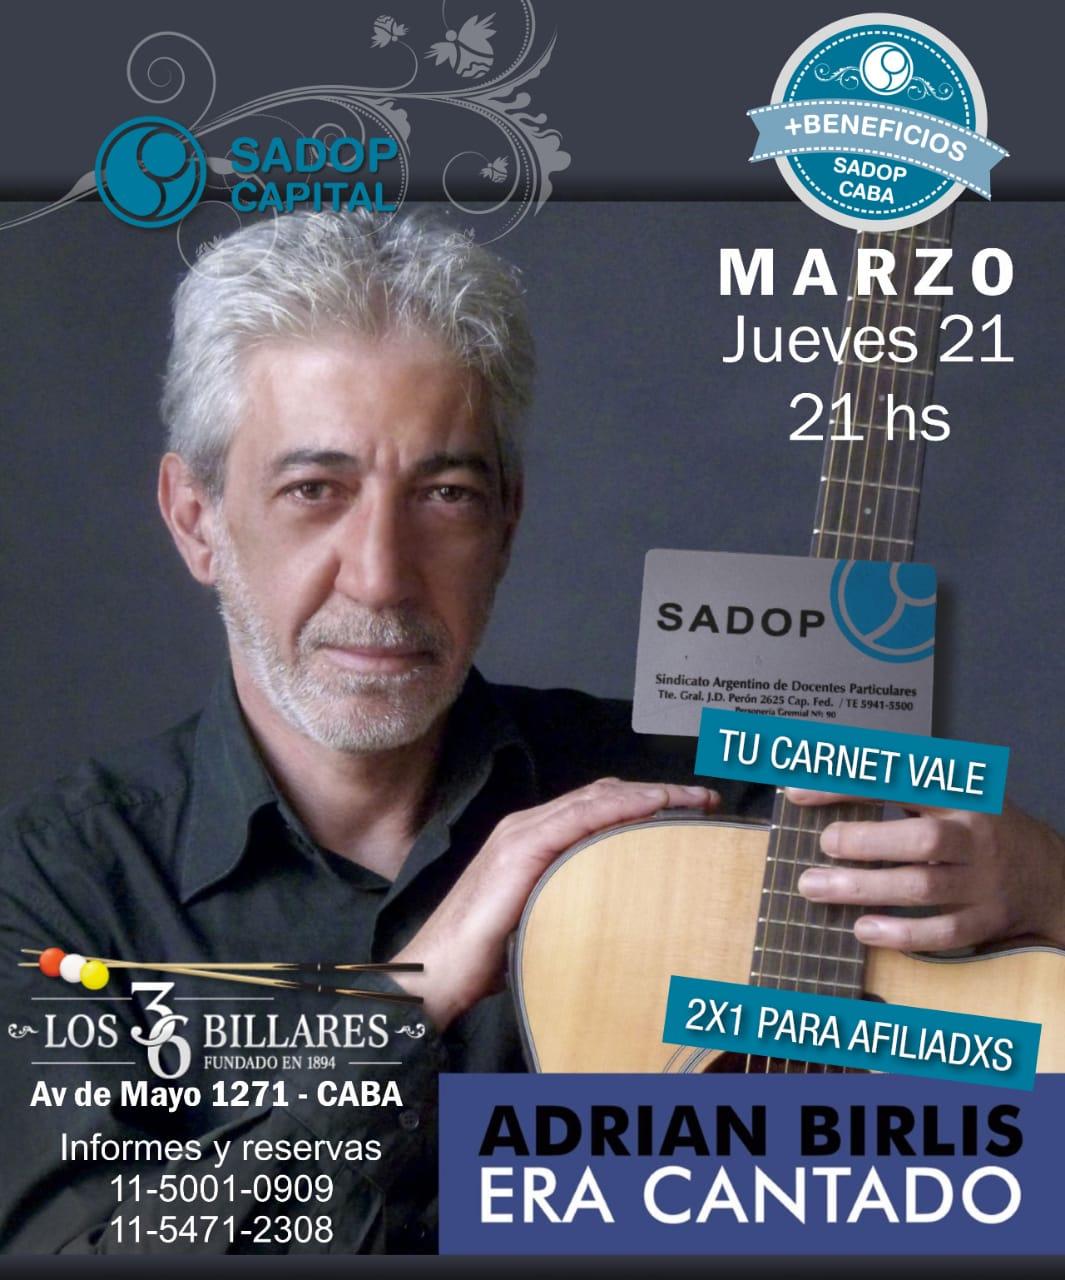 En este momento estás viendo Era Cantado, Adrián Birlis